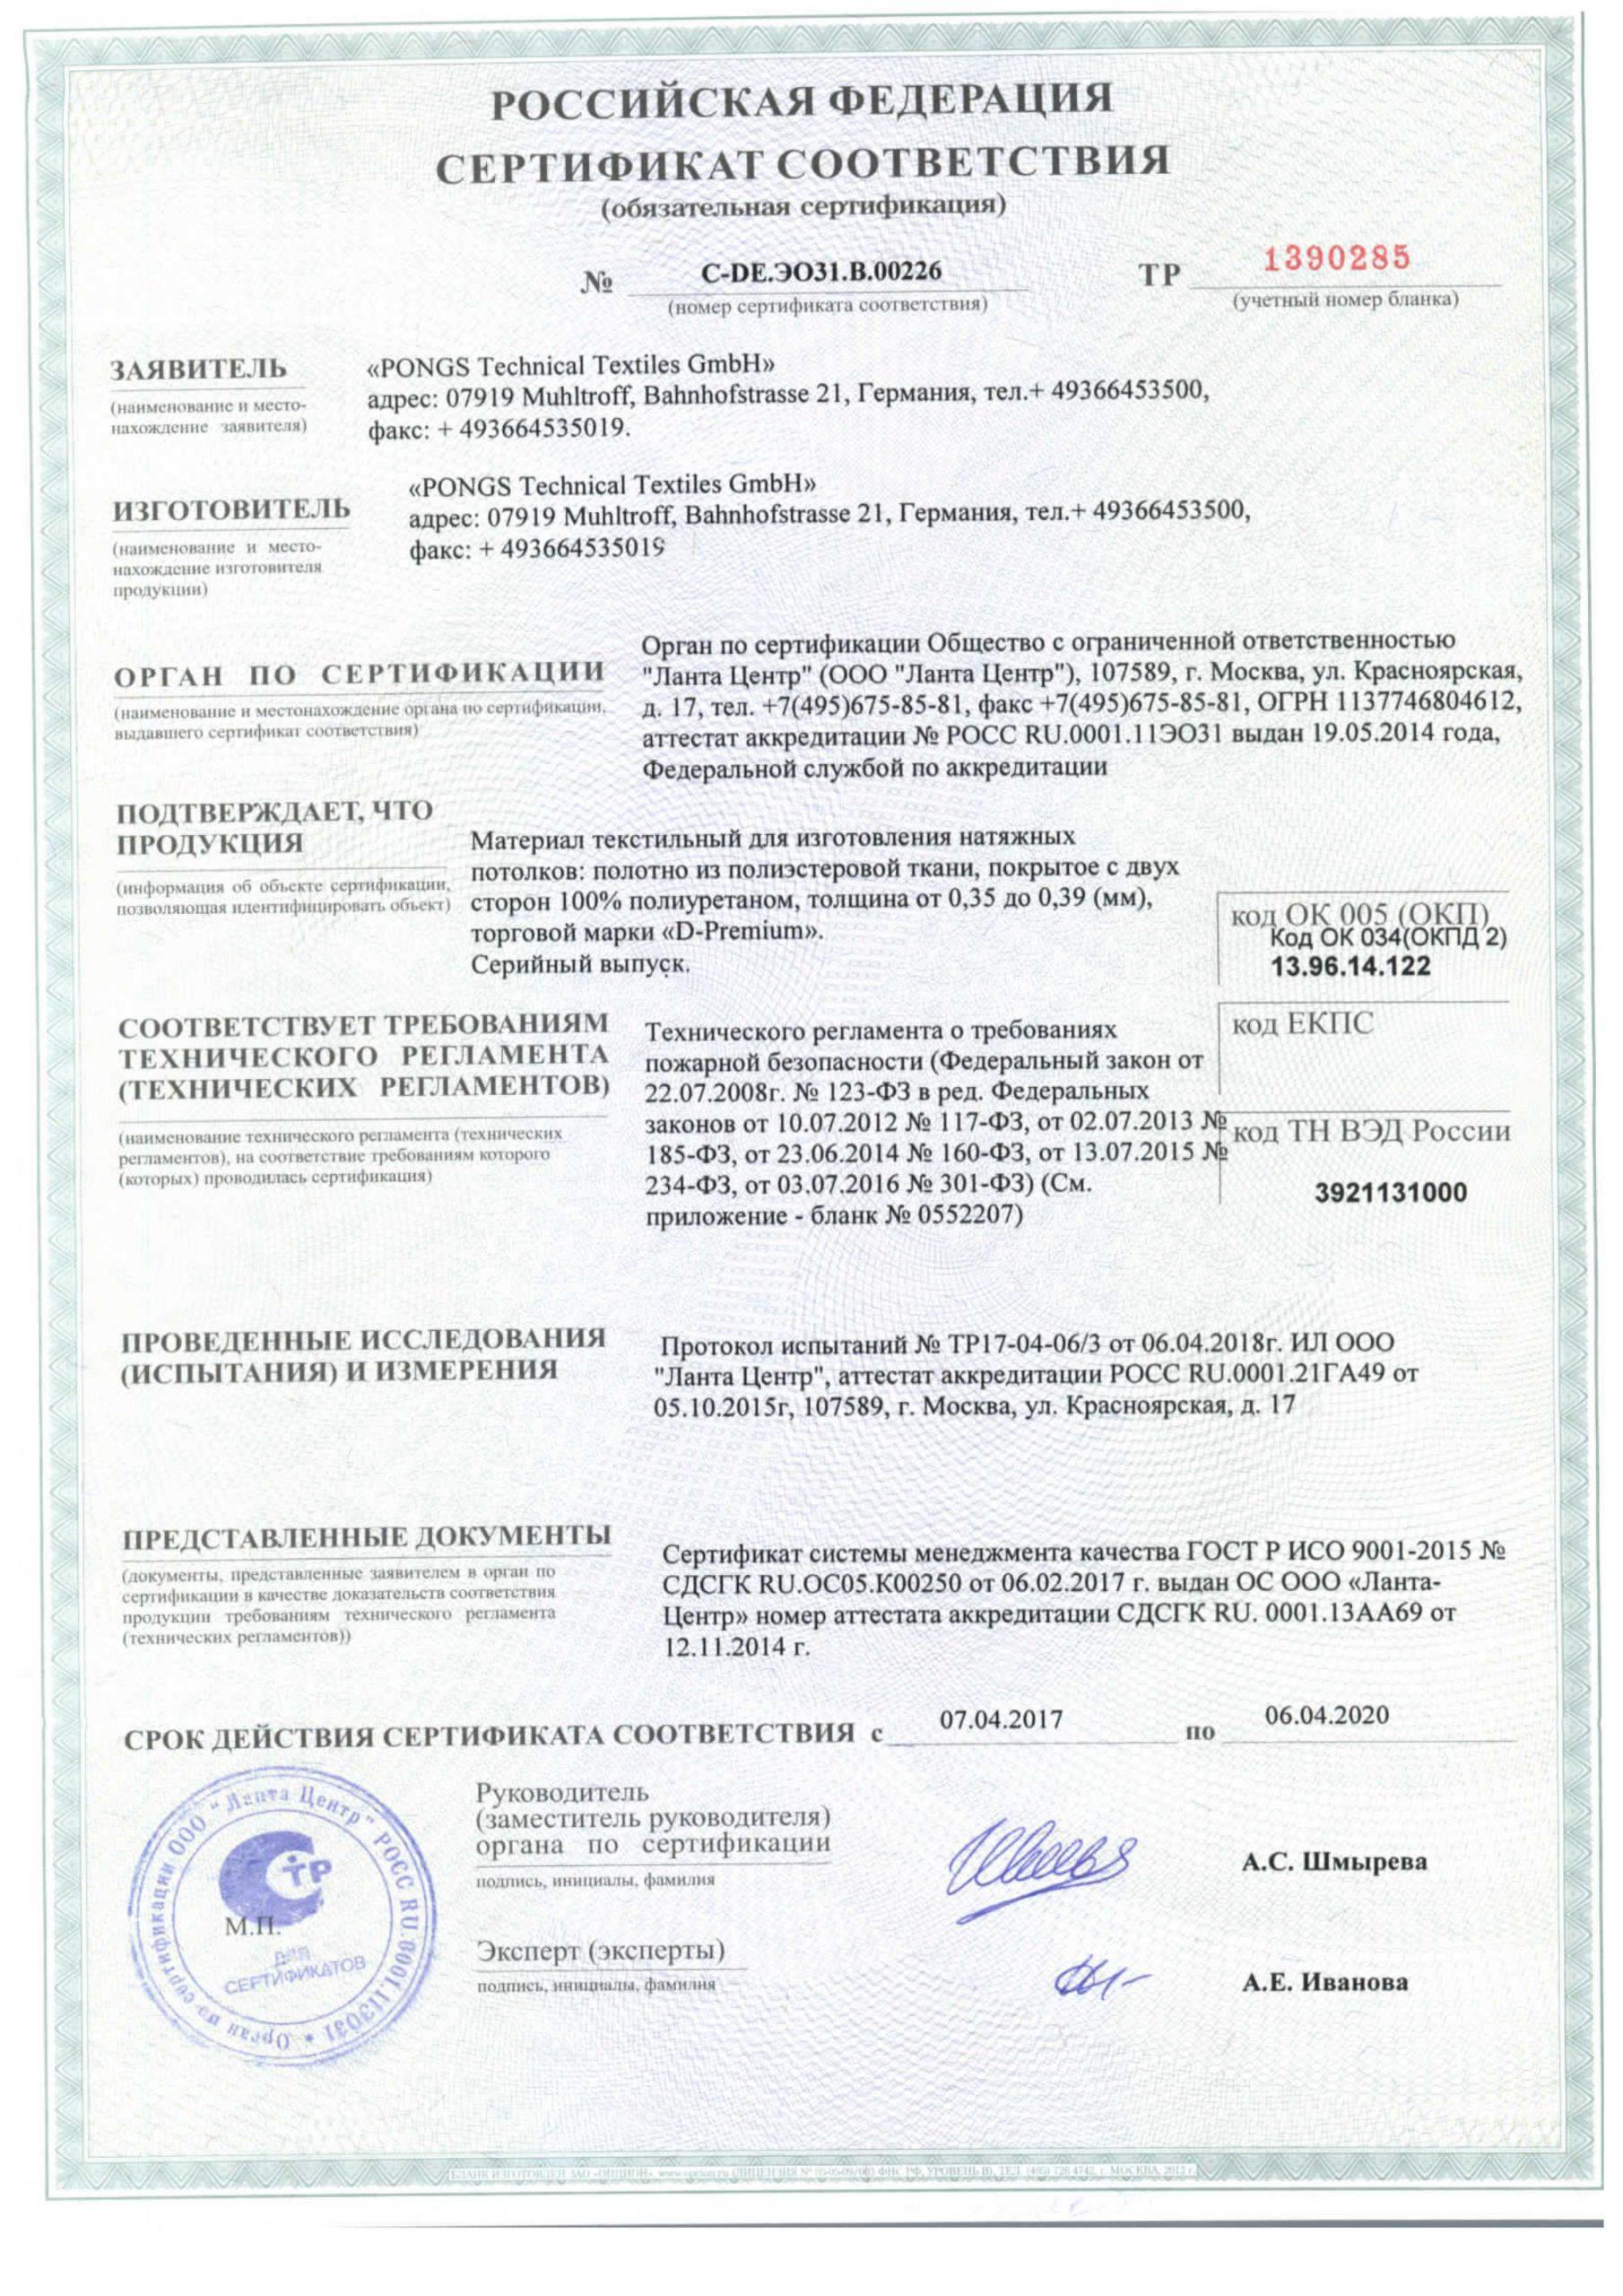 сертификат соответствия компании